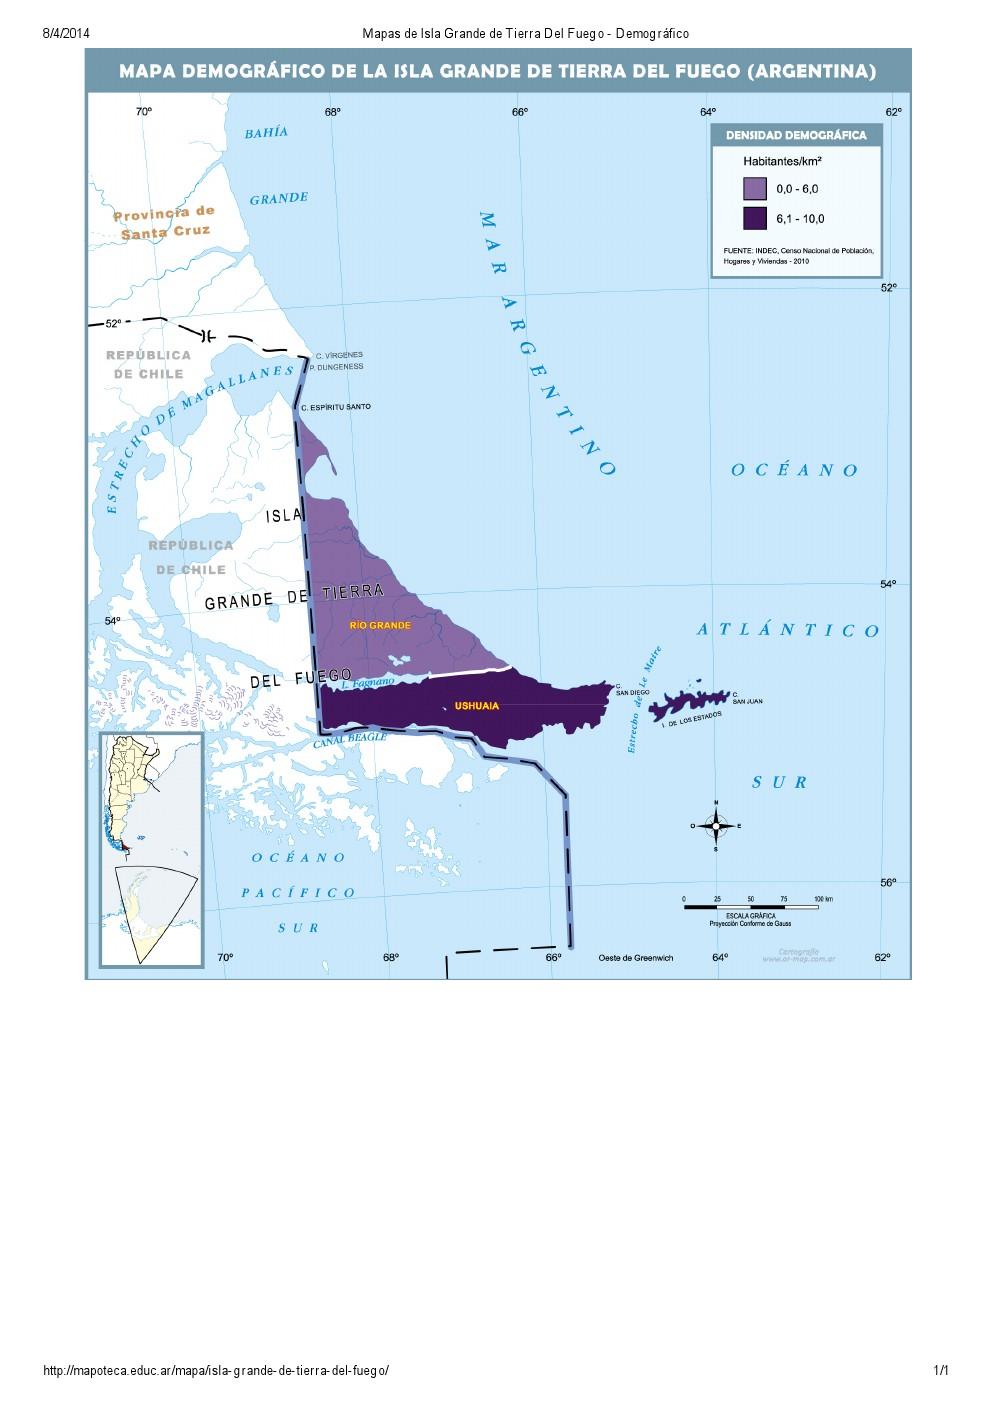 Mapa demográfico de Isla Grande de Tierra del Fuego. Mapoteca de Educ.ar